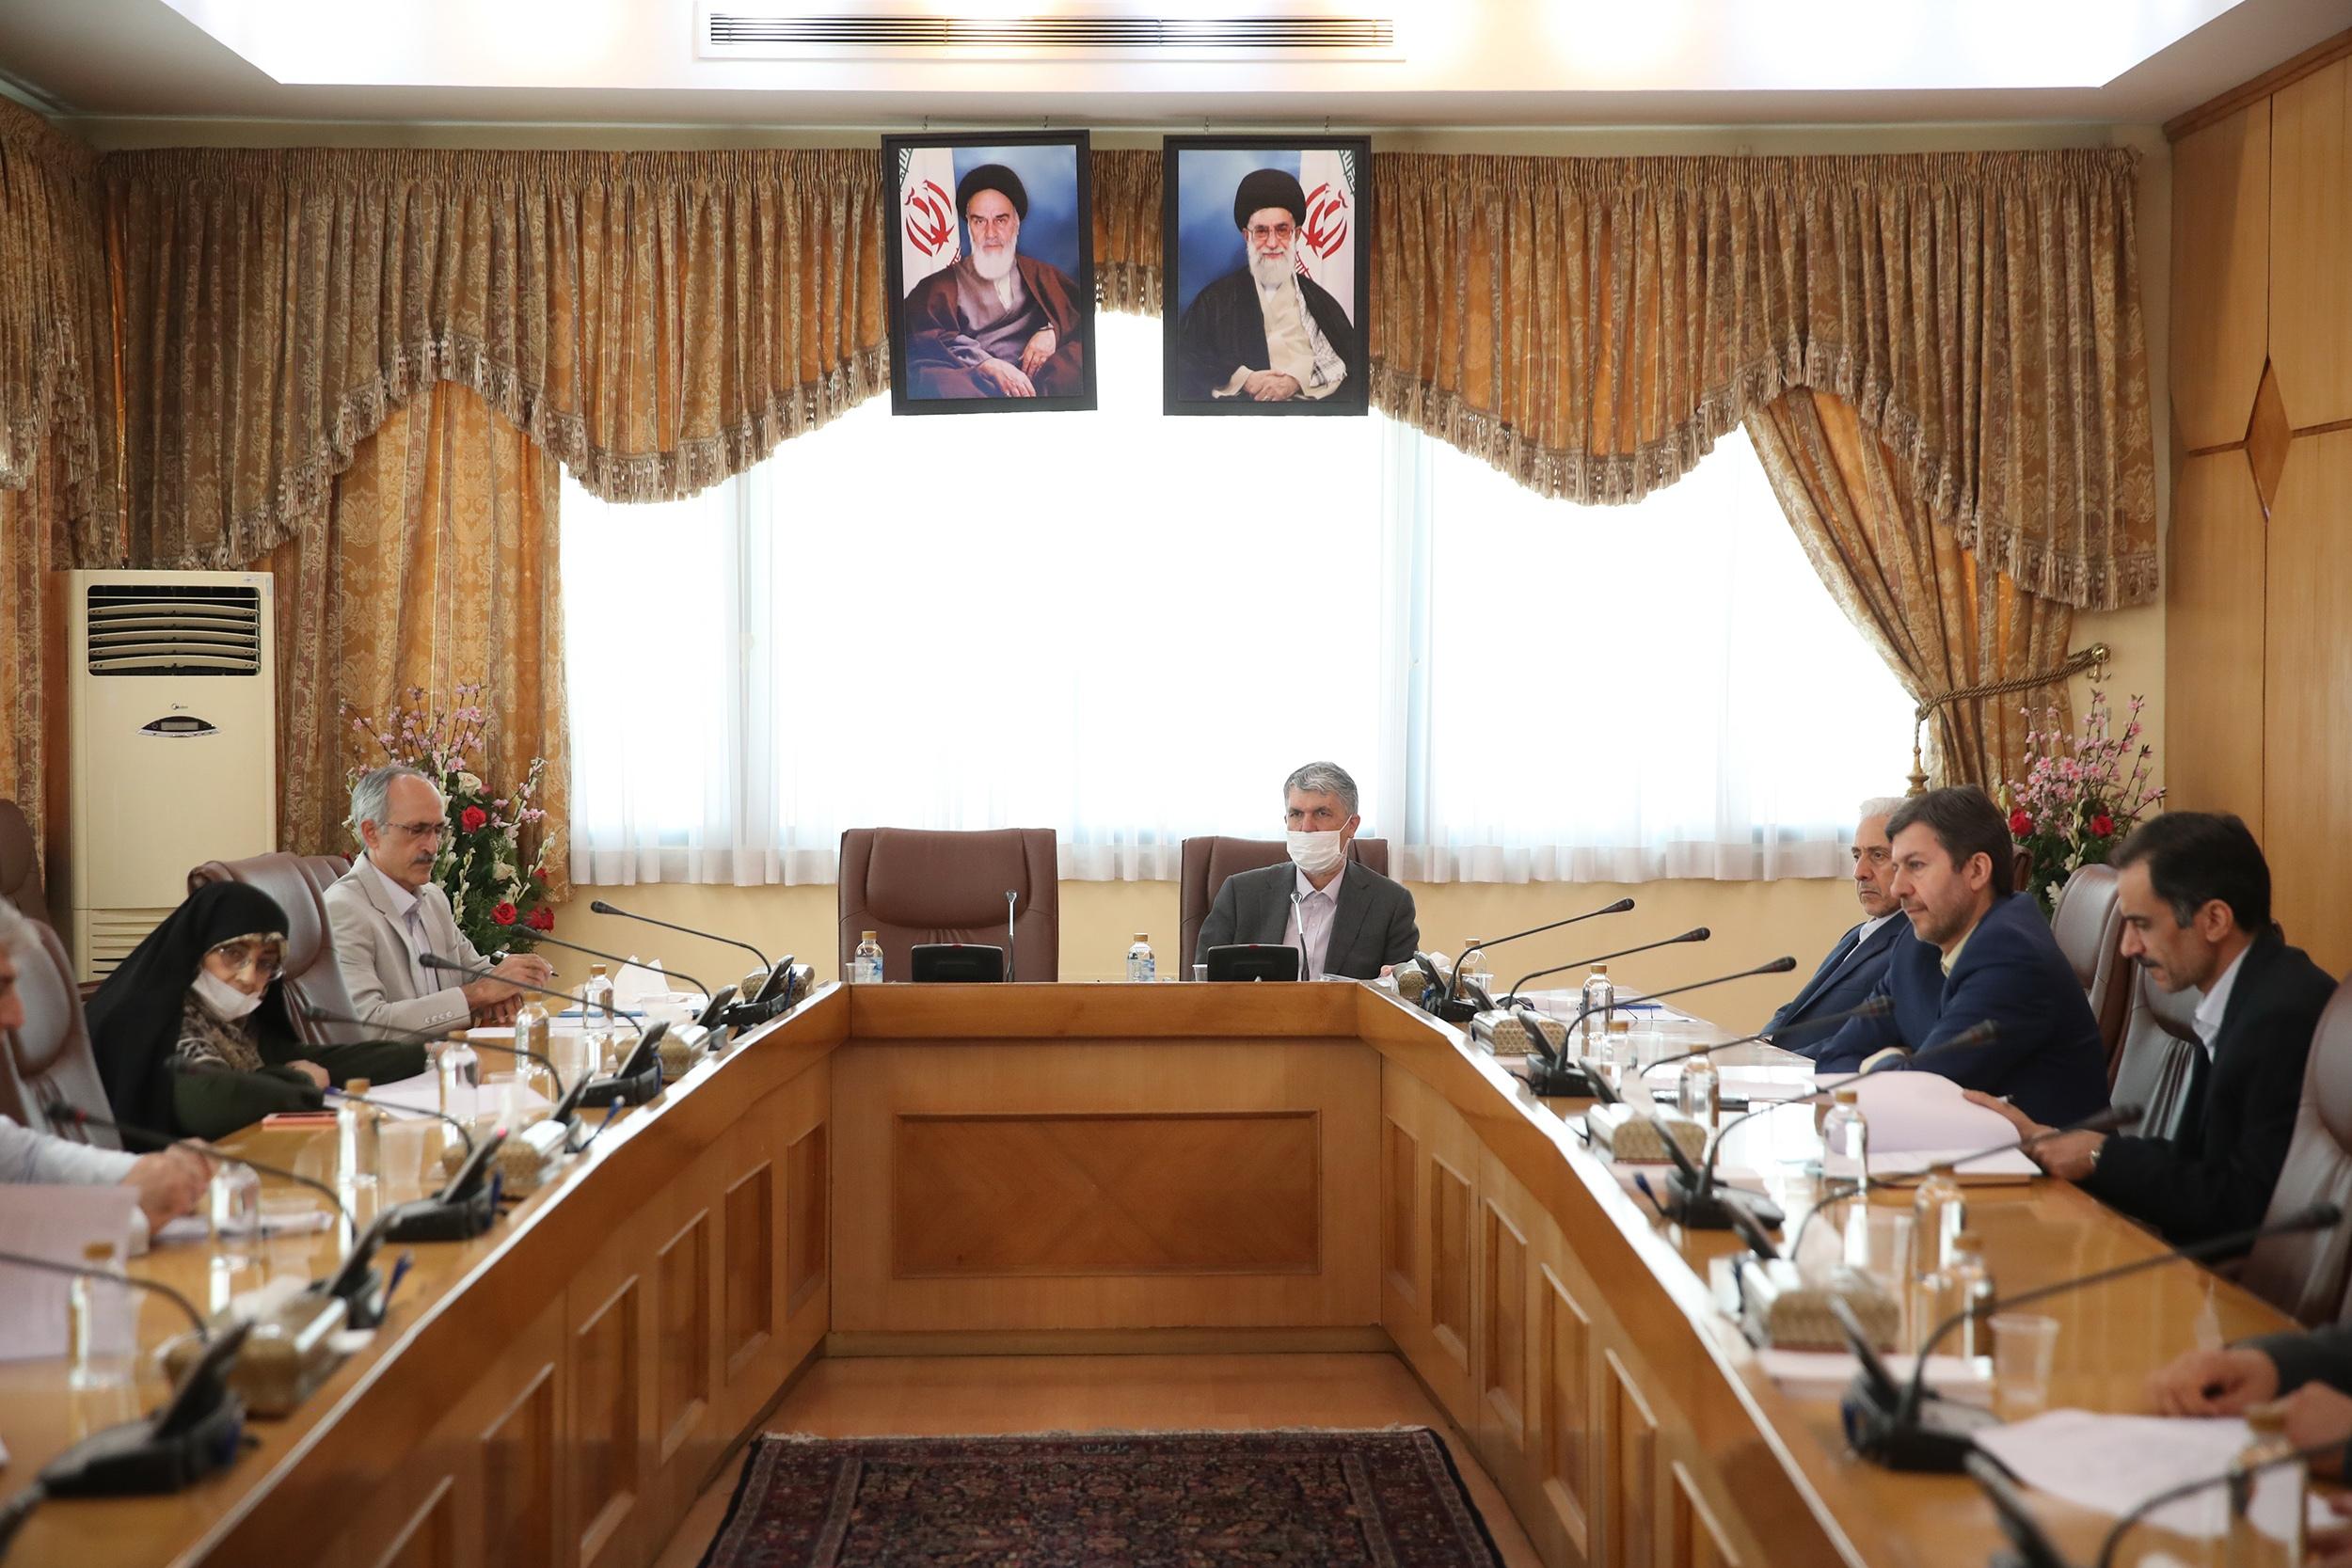 جلسه اصلی کمیسیون فرهنگی